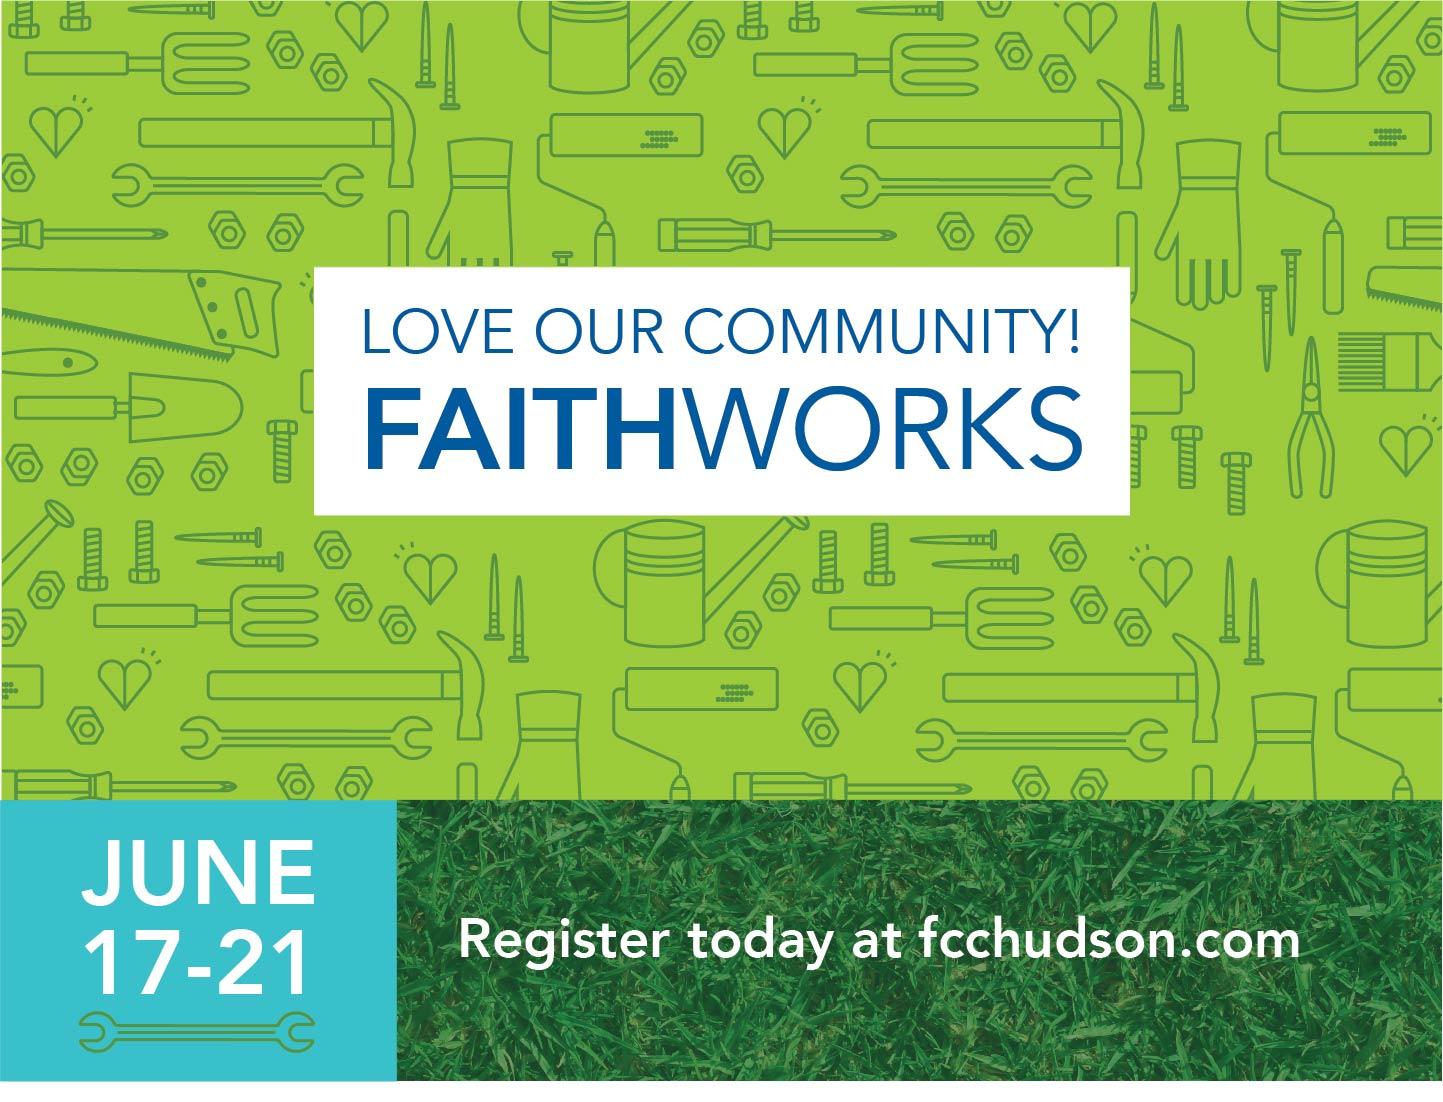 faithworks graphic